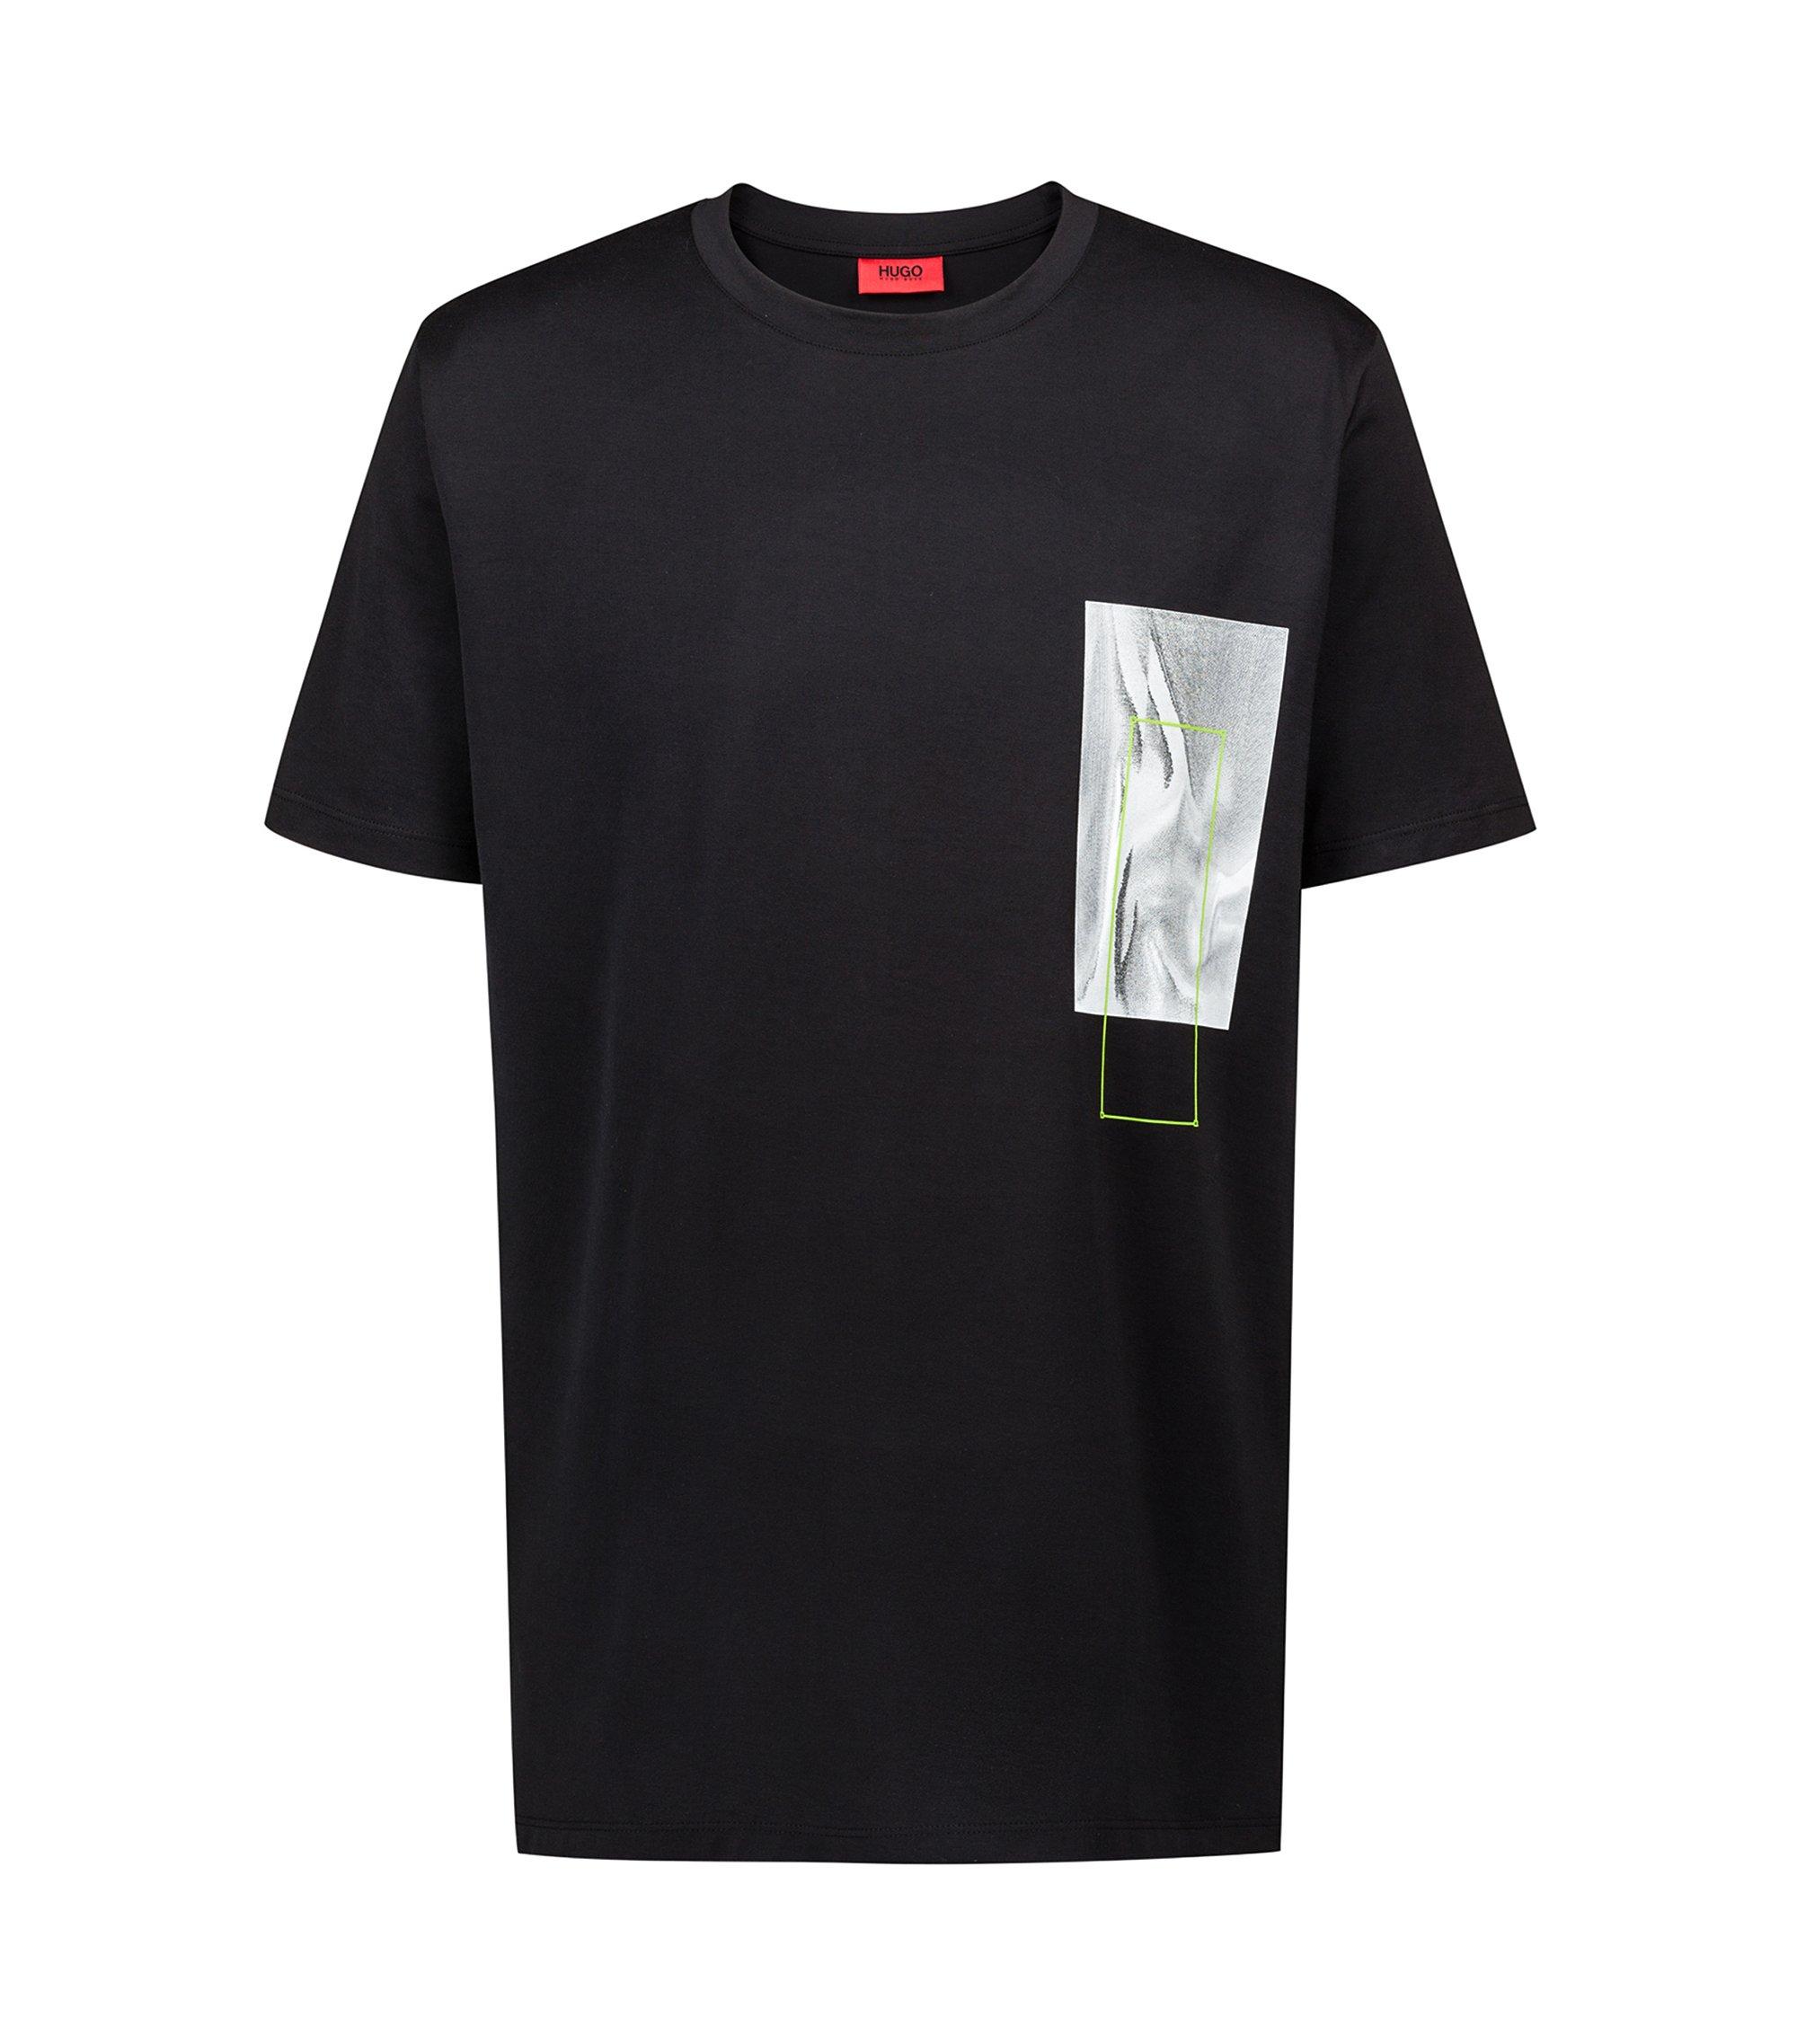 T-shirt relaxed fit con stampa ispirata al mondo digitale della capsule Bits & Bytes, Nero